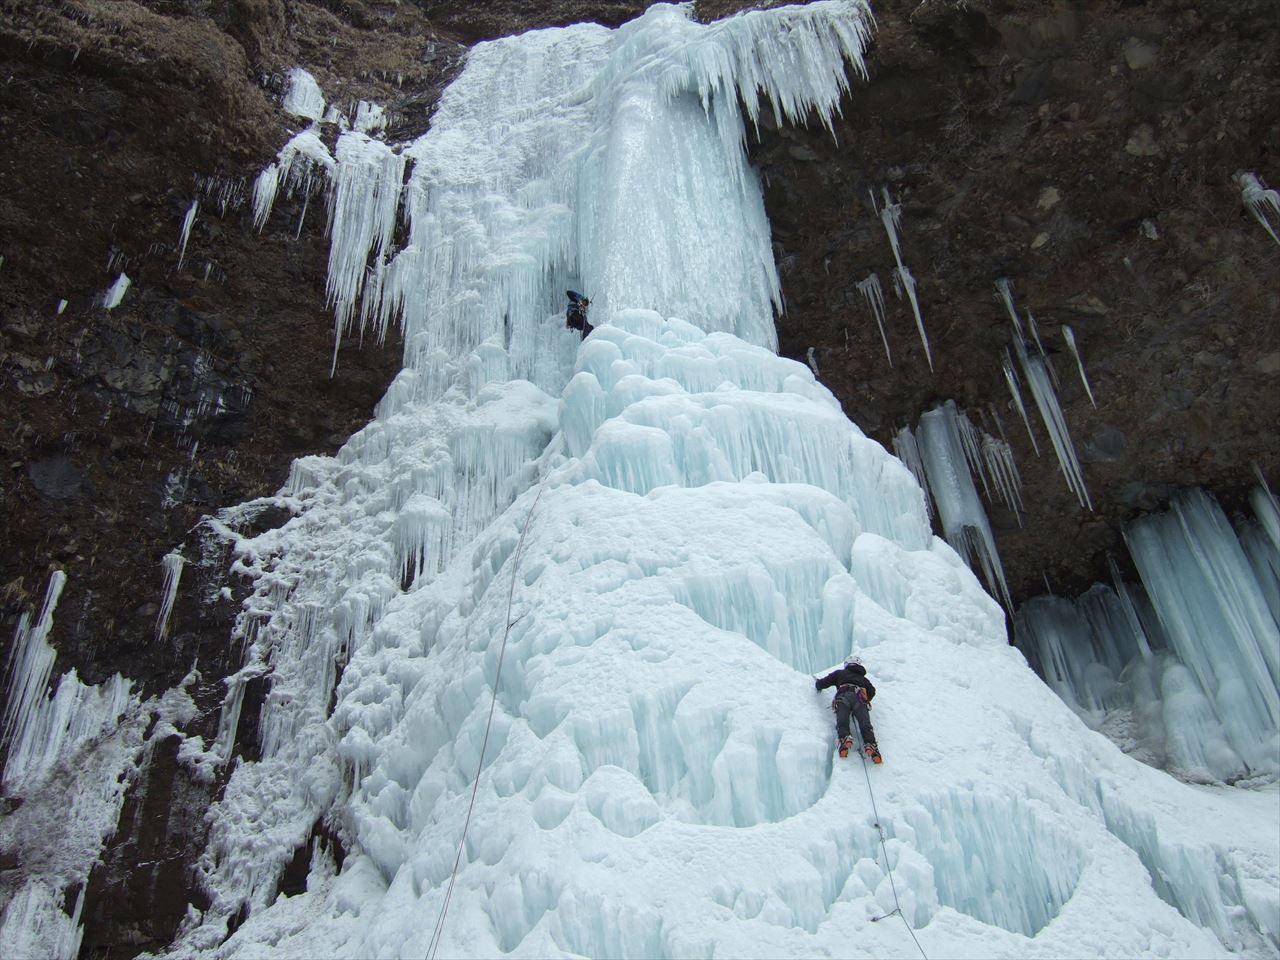 雲竜渓谷 雪山登山   安心してください、凍ってますよ! 自然が織りなす神々しい氷瀑の世界(2016.2.6)